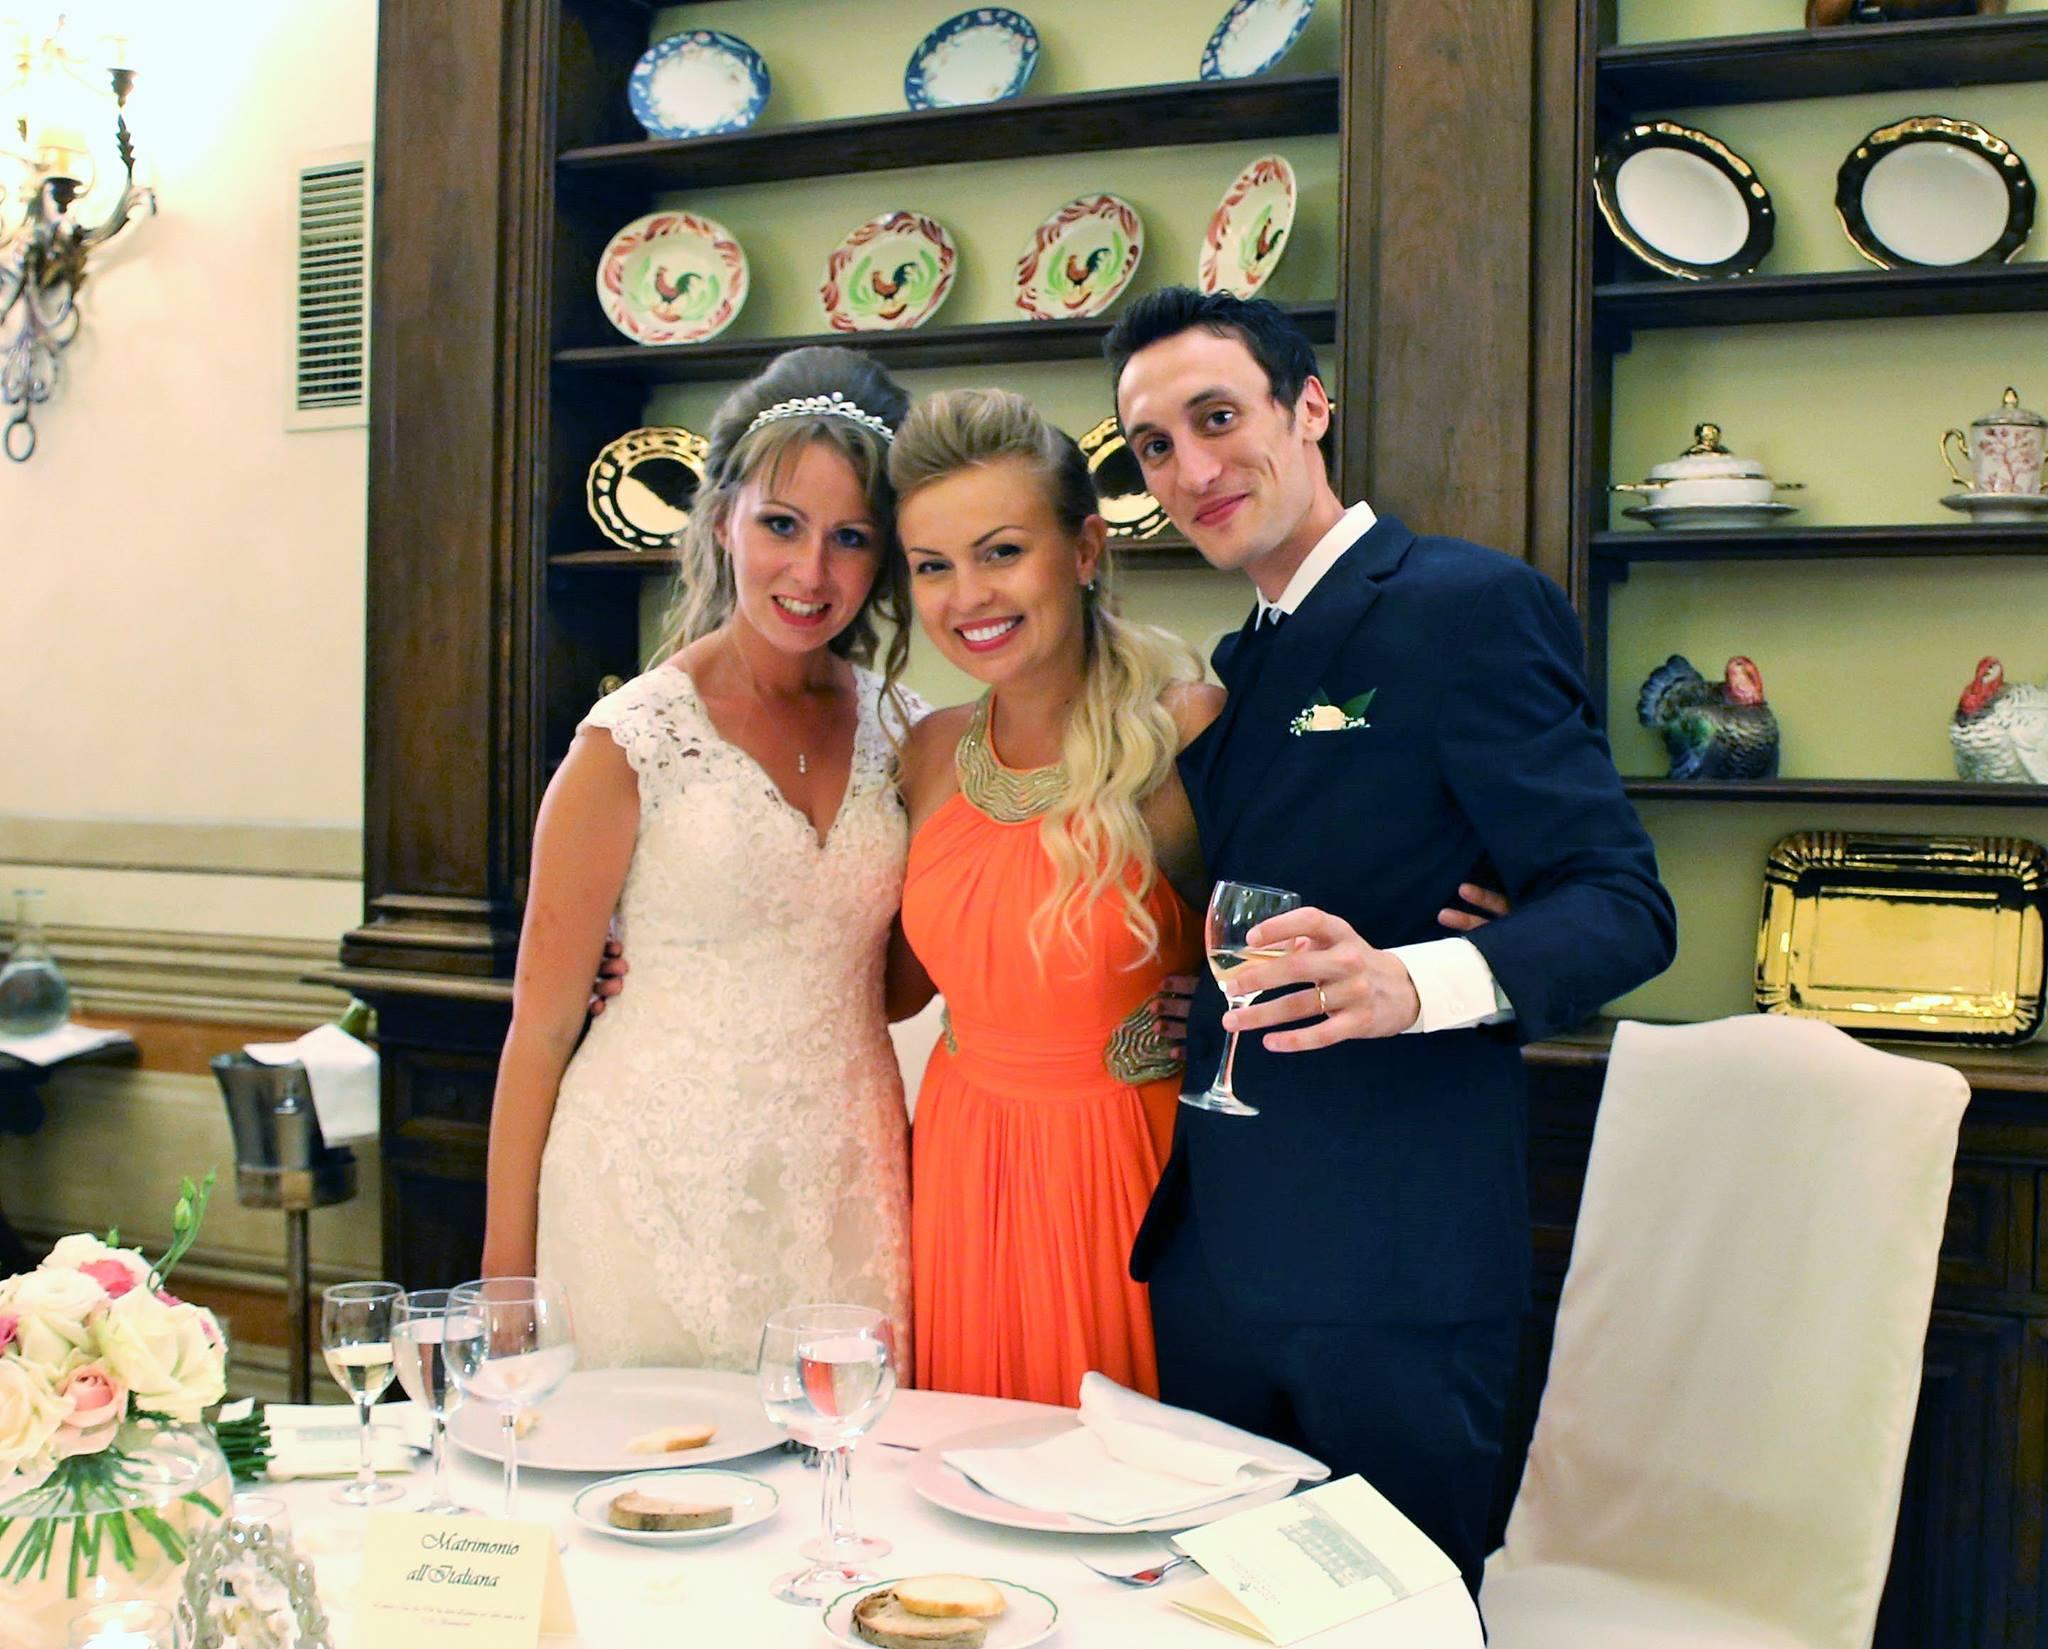 Фото 10 свадьба на вилле в Италии | Элеонора и Фабио | ведущая свадьбы в Италии - Катрин Моро